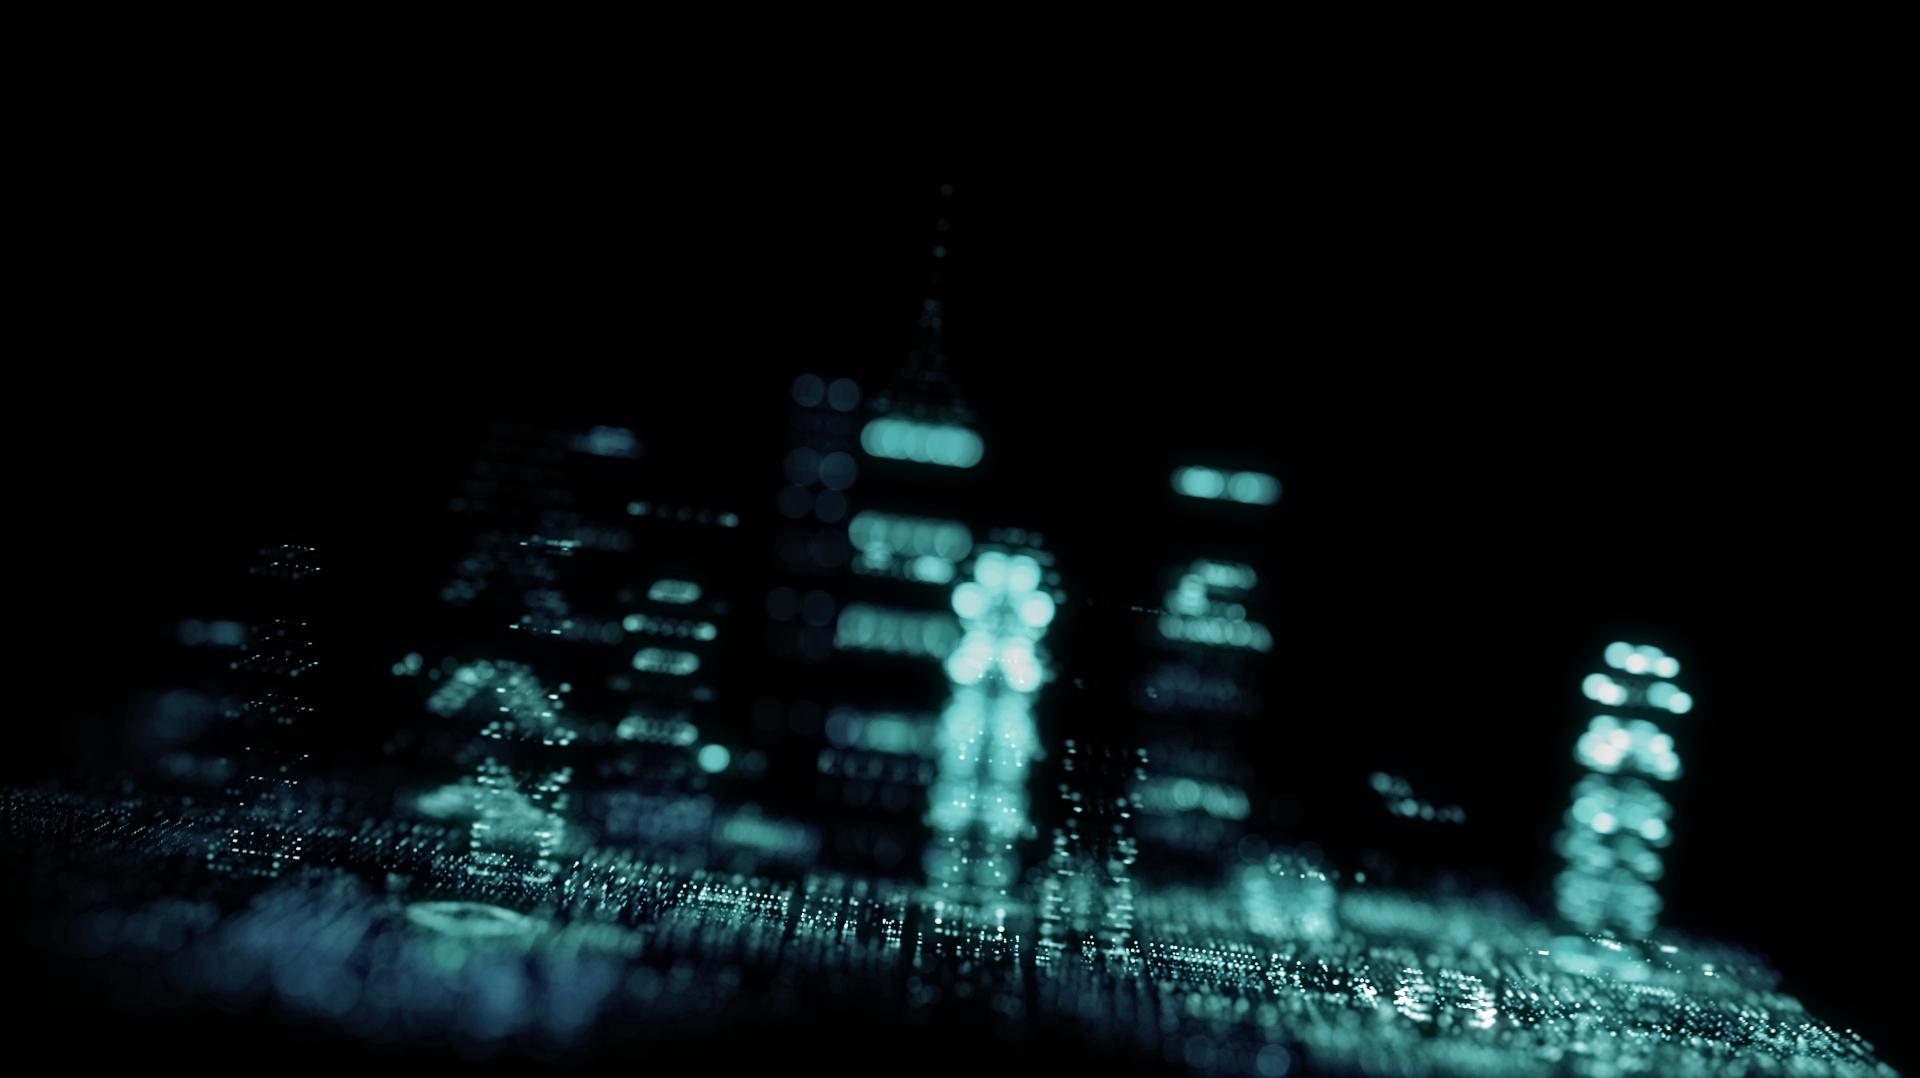 CITYLIGHTS_1080